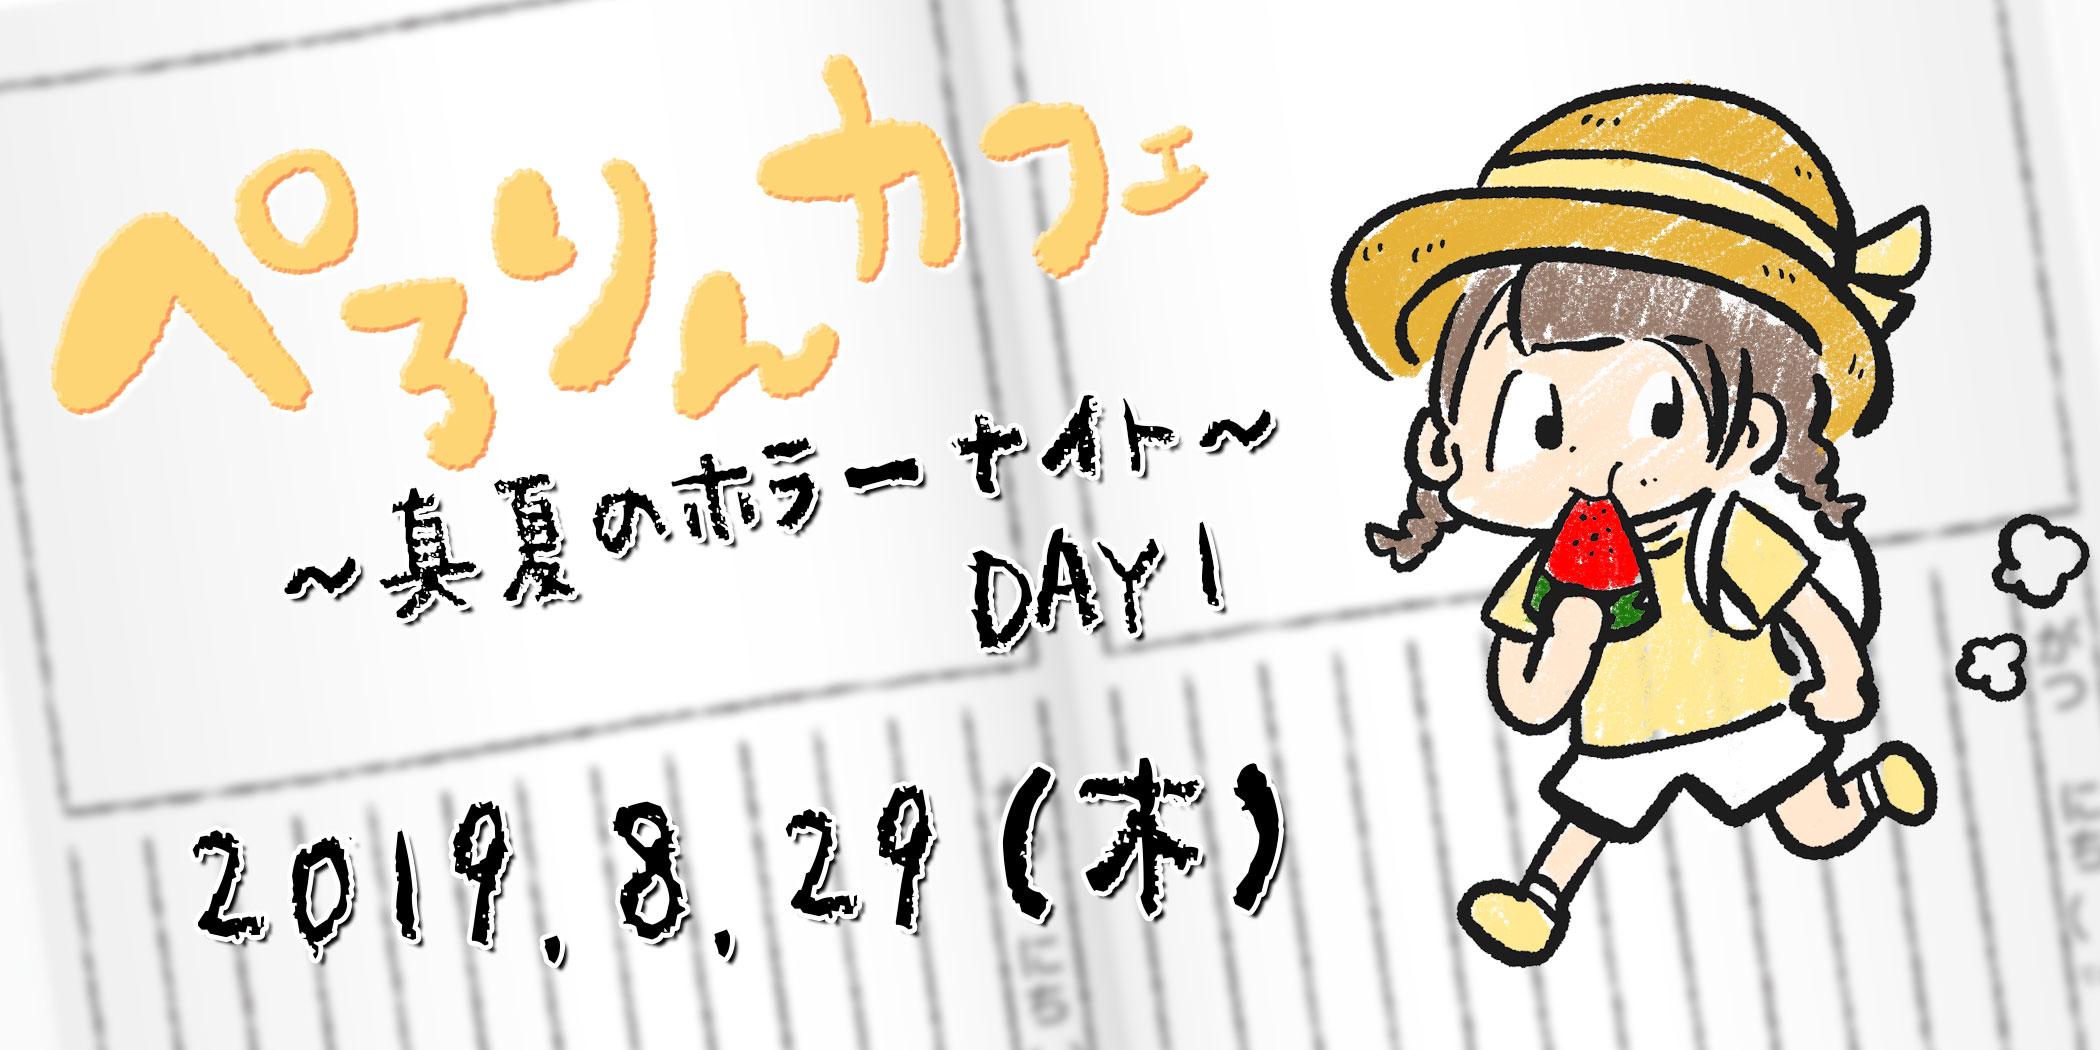 ぺろりんカフェ〜真夏のホラーナイトDay1〜